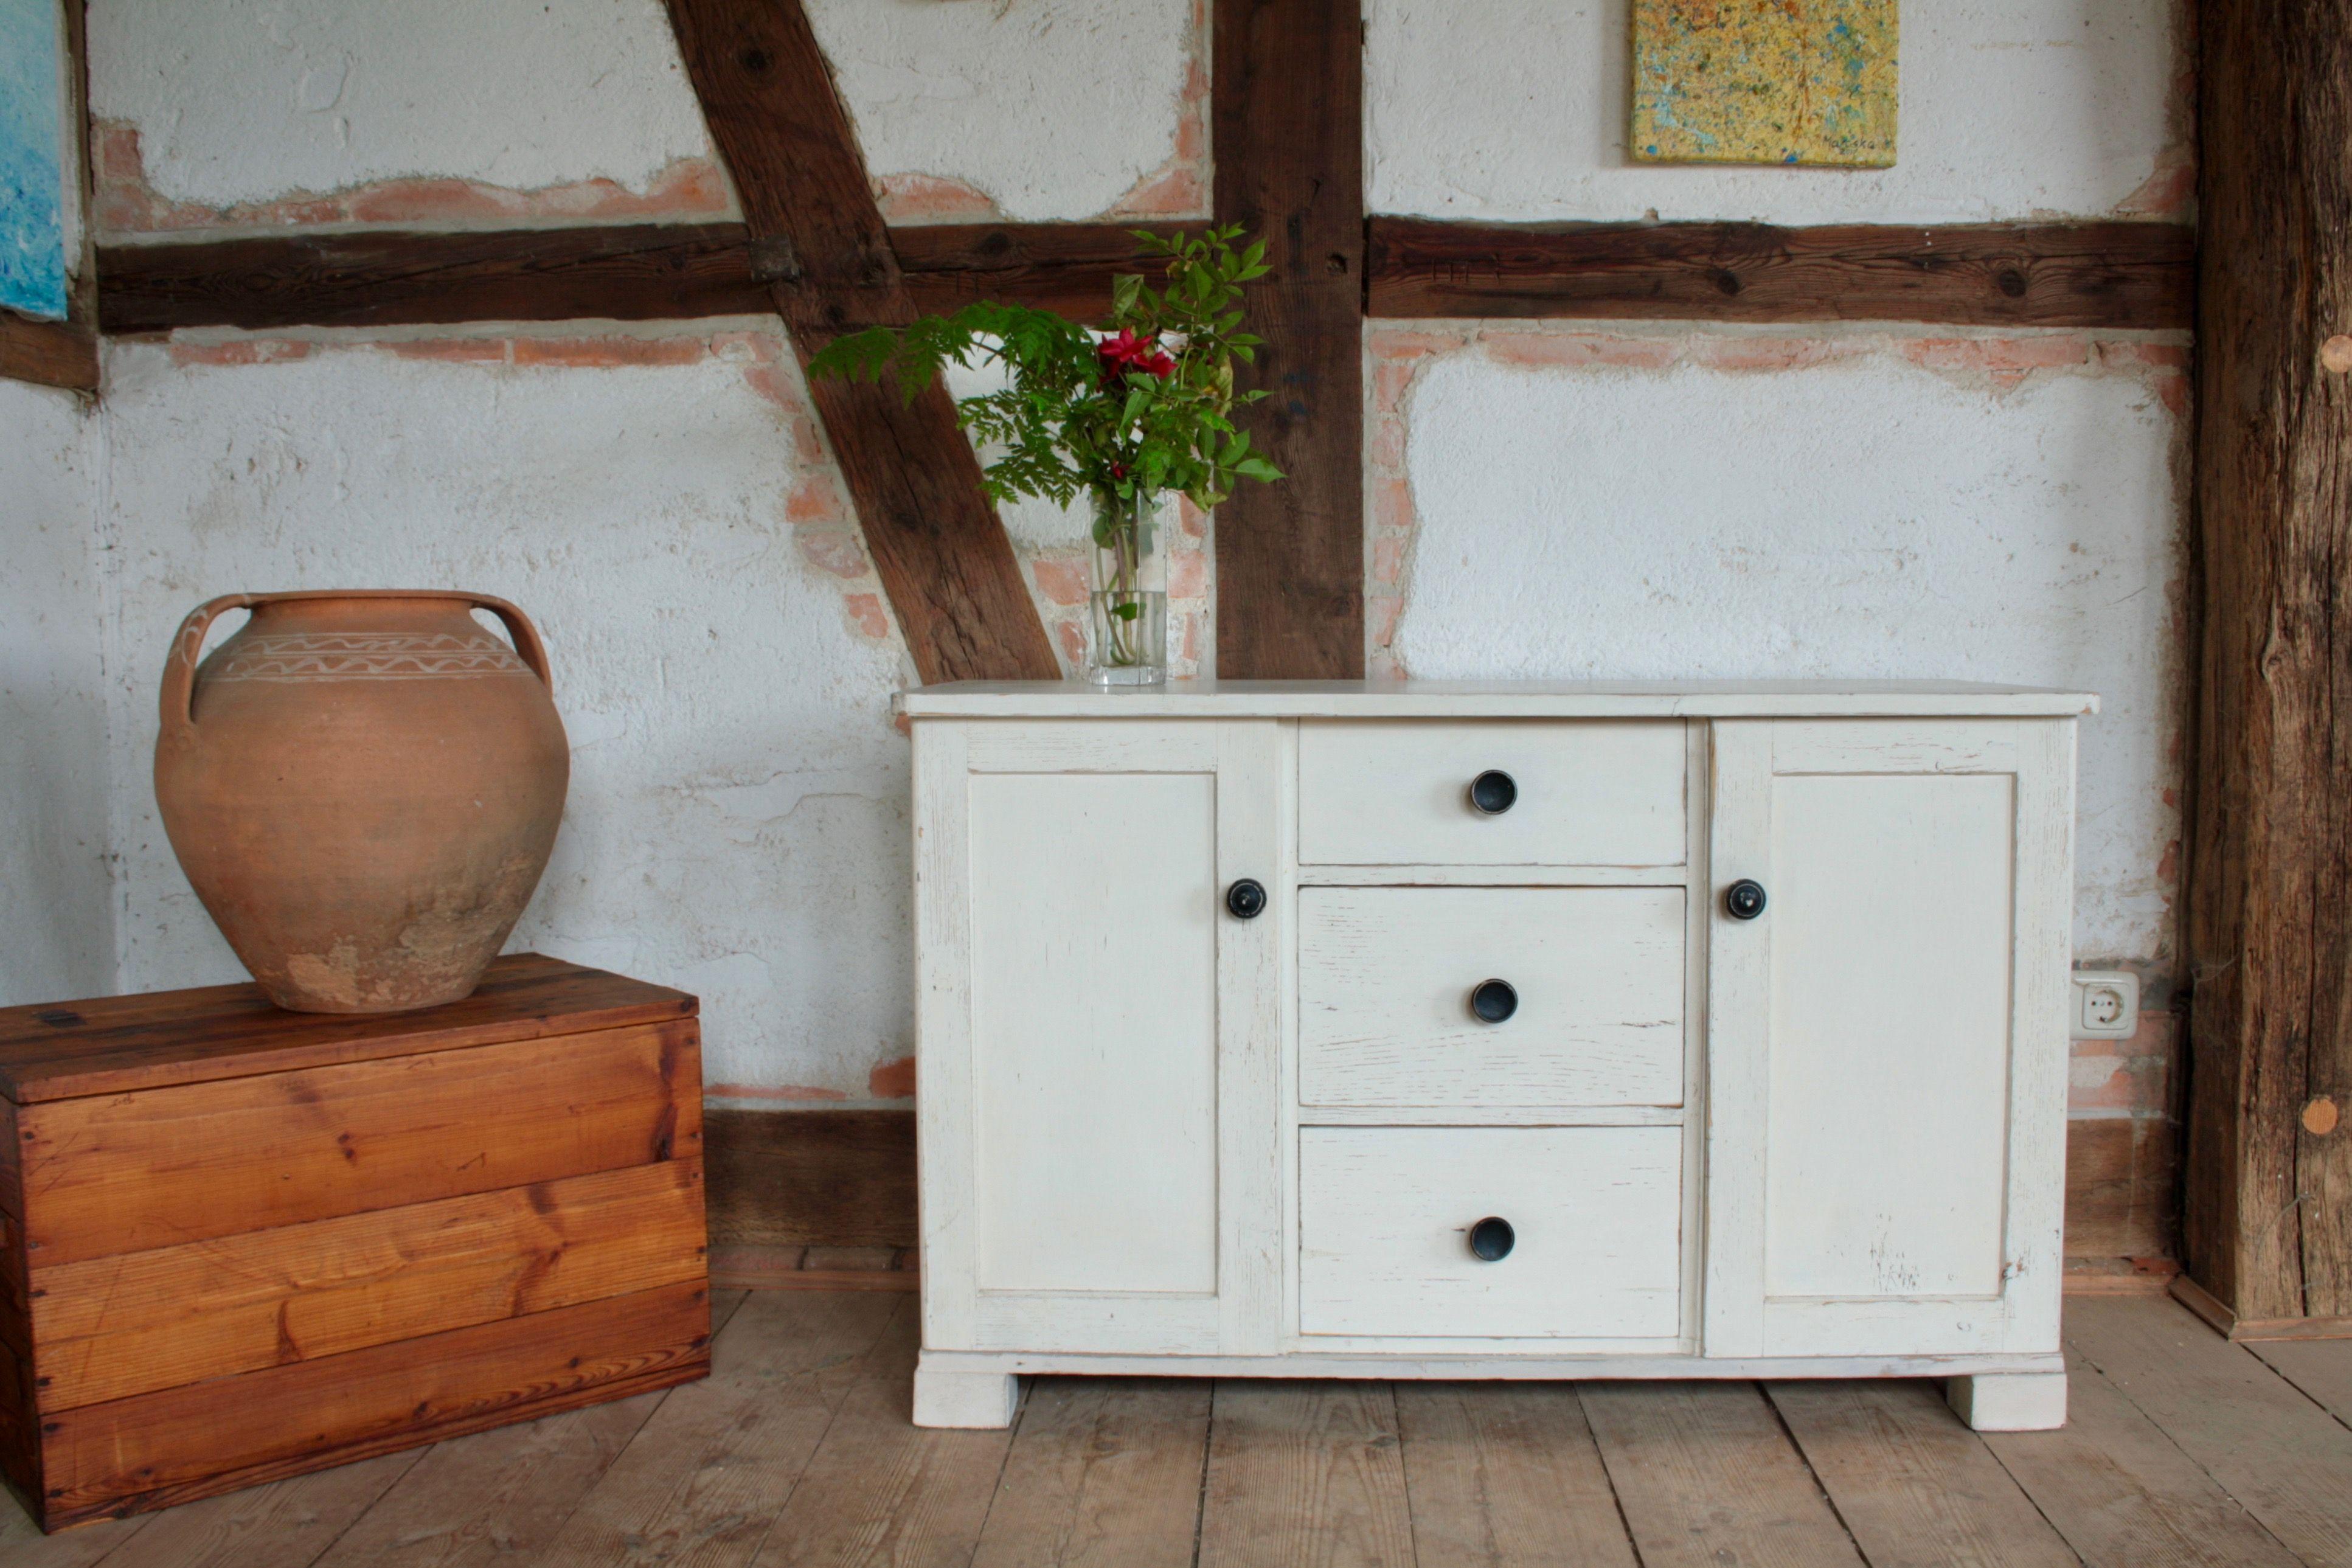 Welche Farbe Für Shabby Chic Möbel Upcycling Alten Schrank Mit